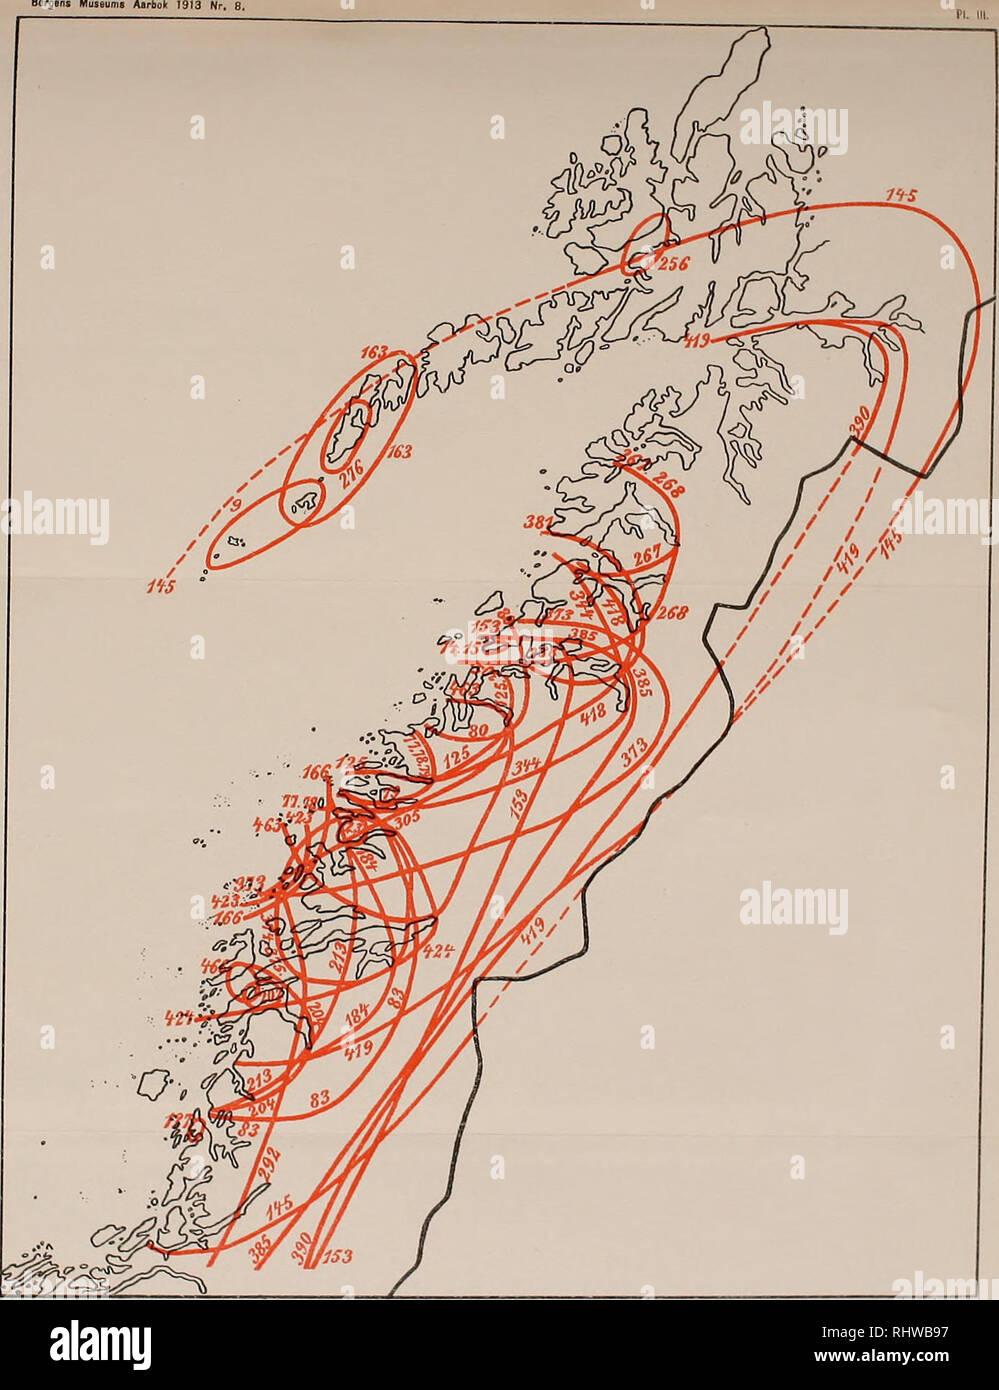 Forskjellige Bergens Museums aarbok. Bergons Museums. Carl Fred. Kolderup: Kart GP-63